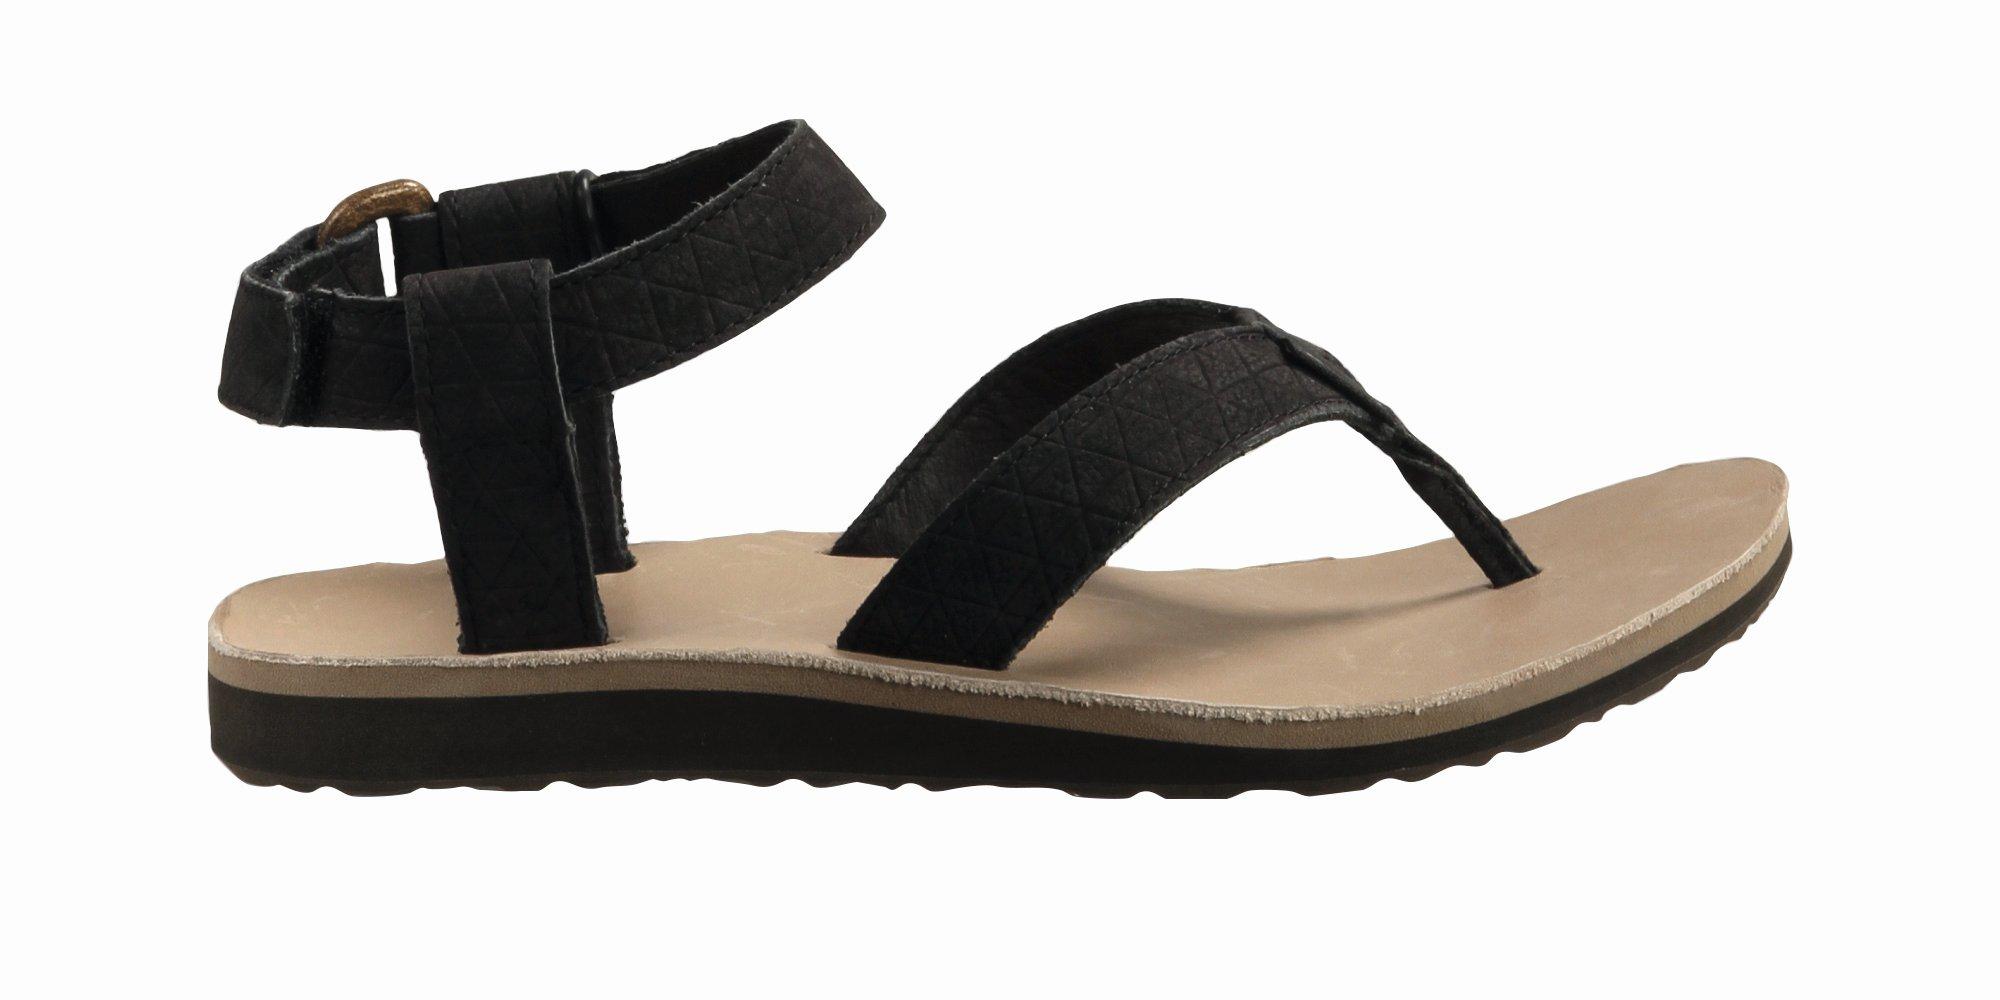 Teva Original Sandal LTR W's black-30